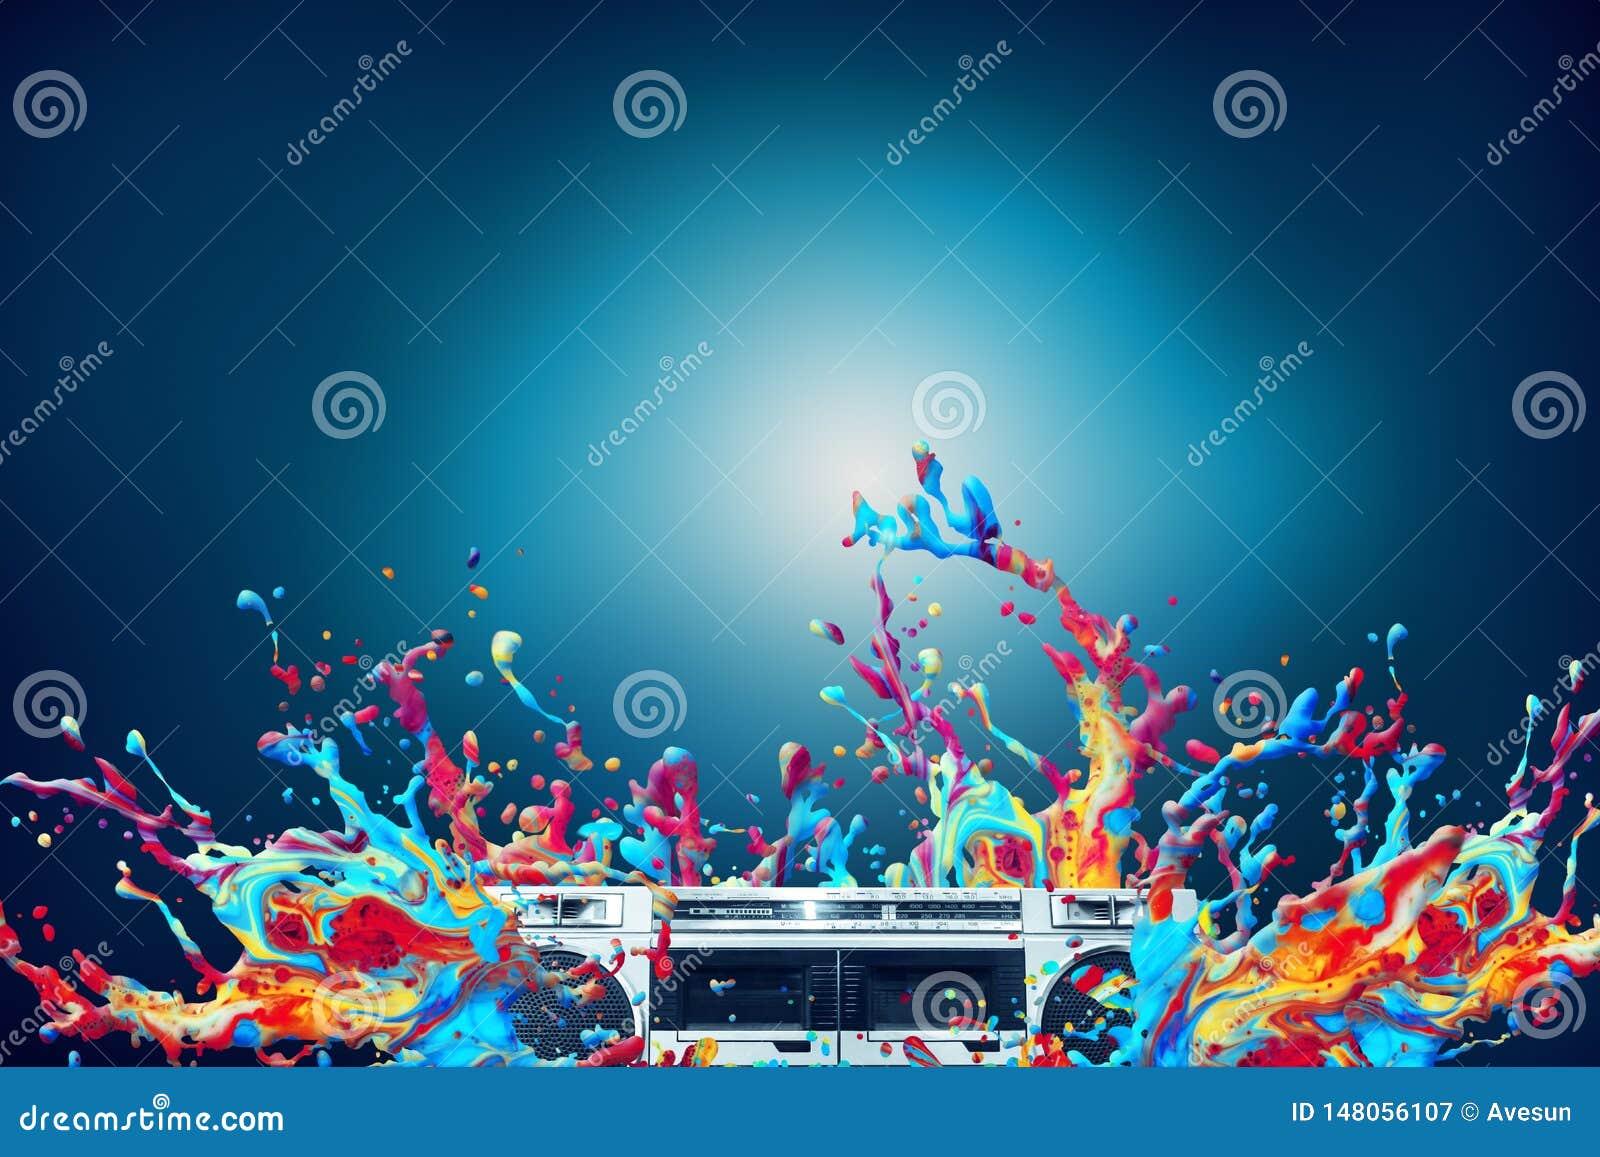 抽象五颜六色的油漆飞溅迪斯科音乐背景